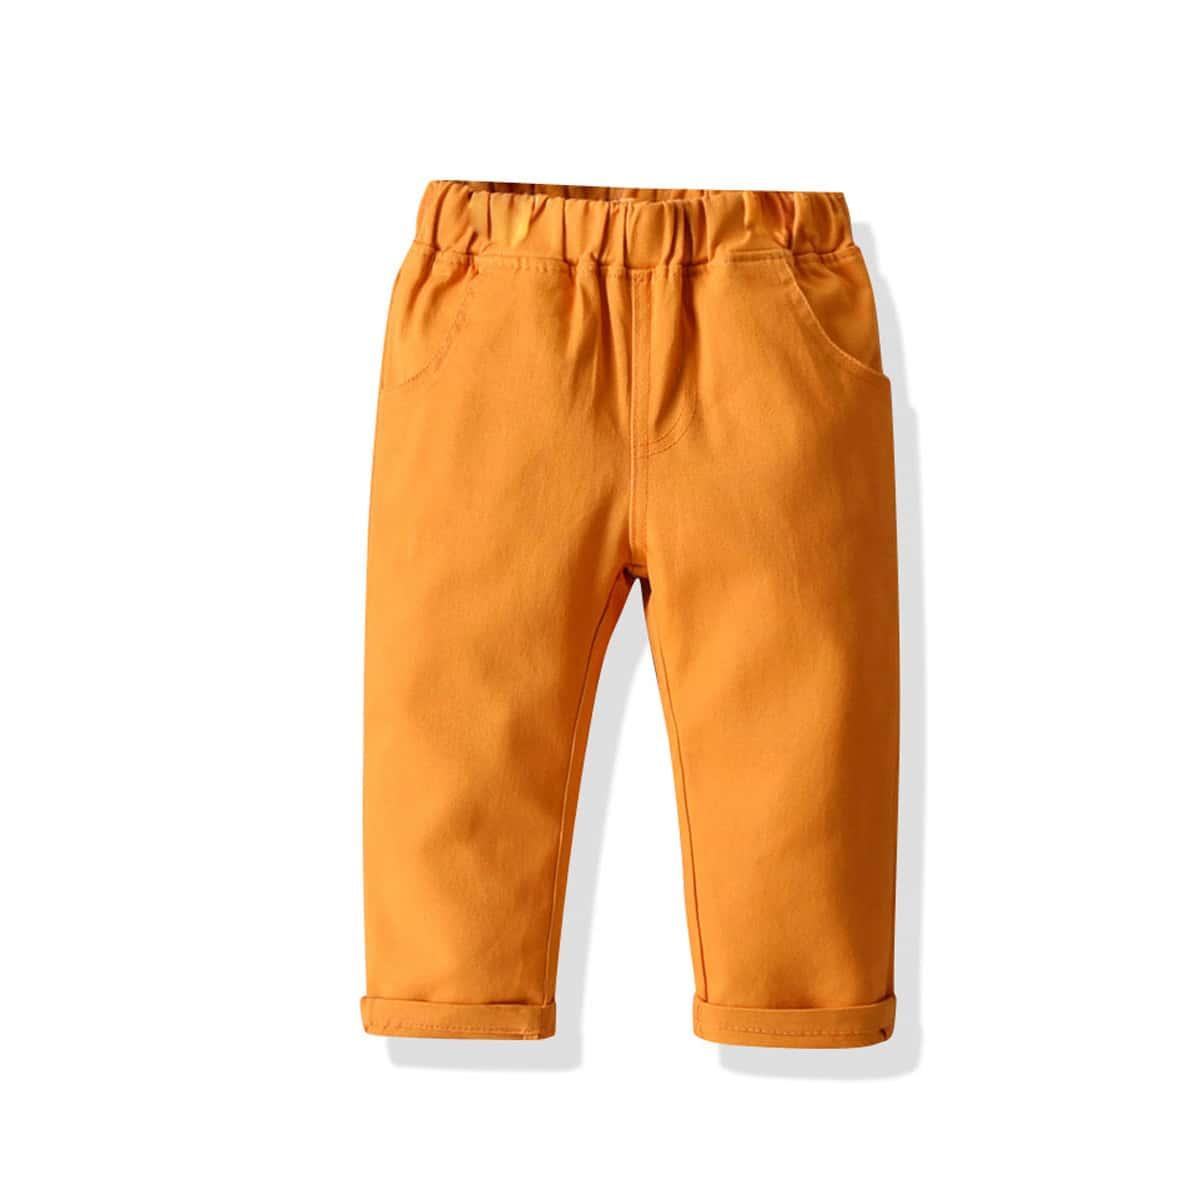 Toddler Boys Solid Slant Pocket Pants